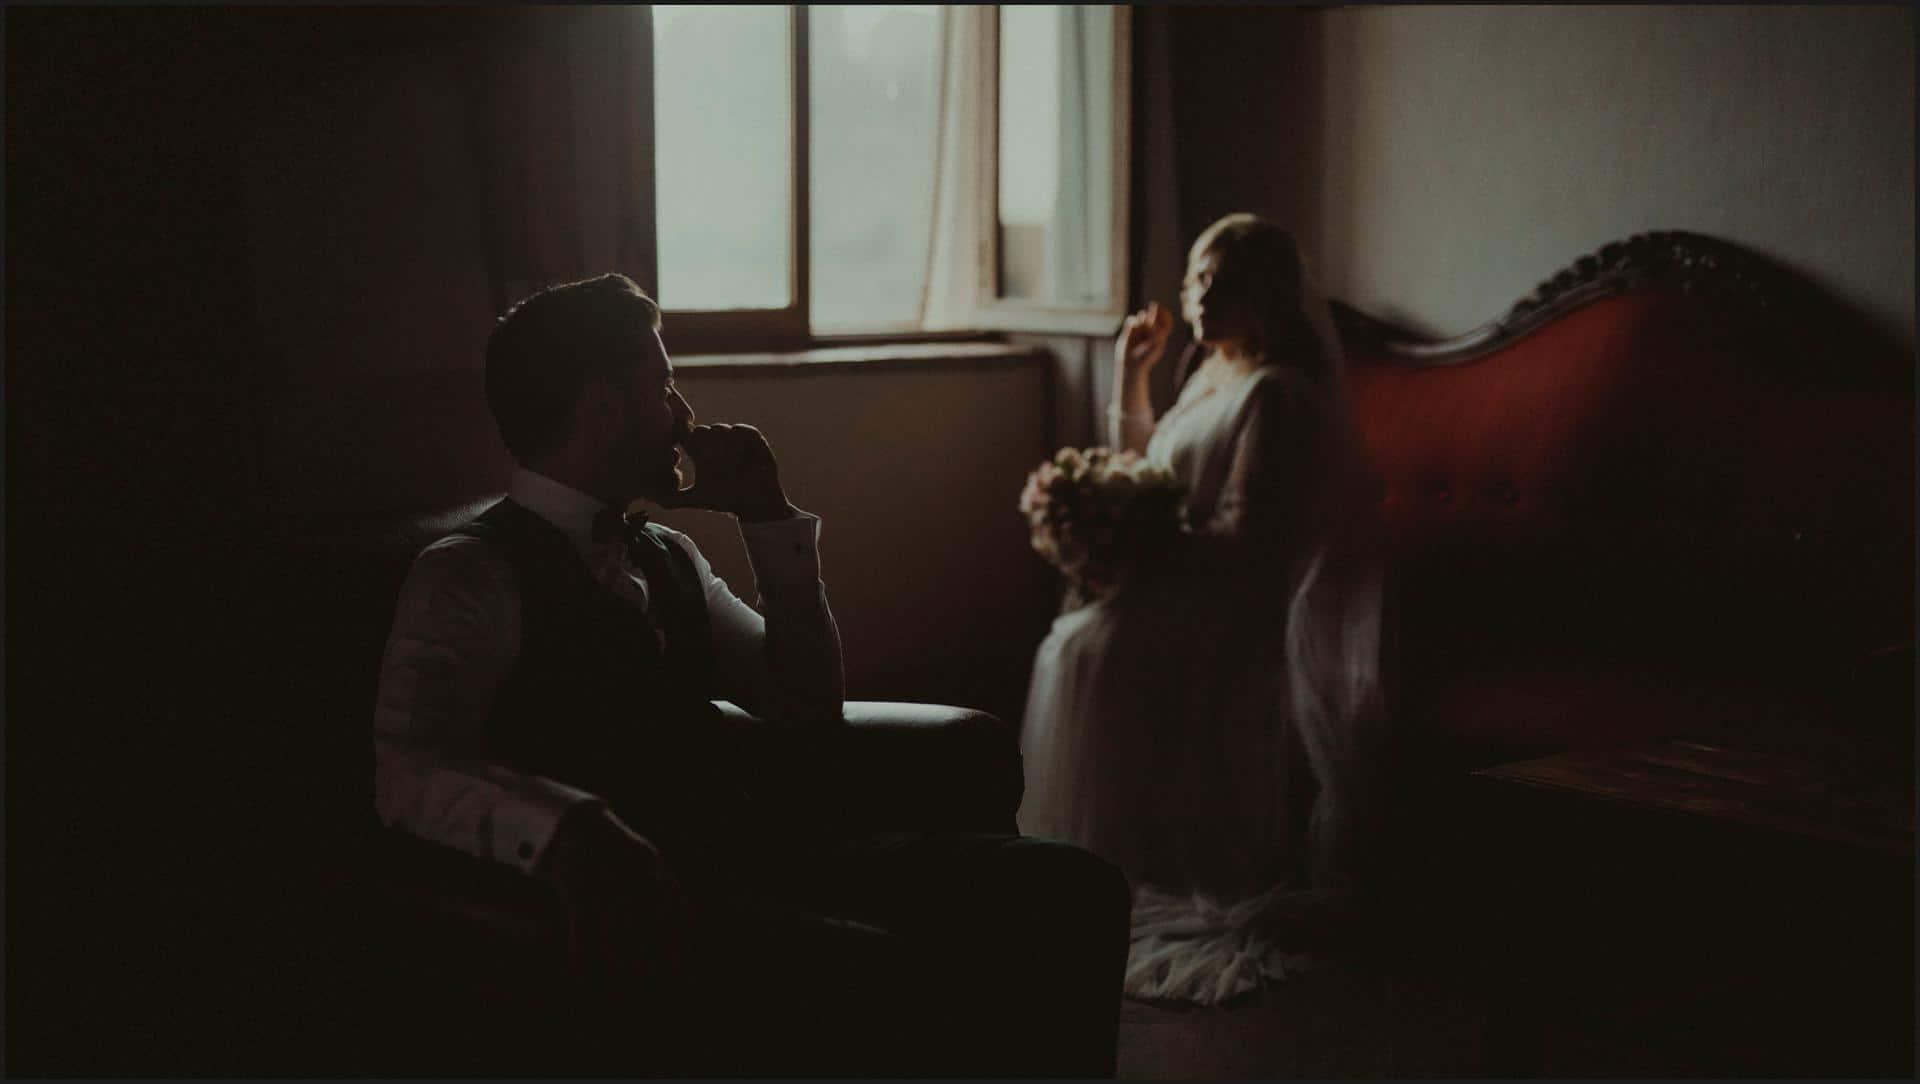 borgo di tragliata, wedding, rome, wedding in rome, bride, groom